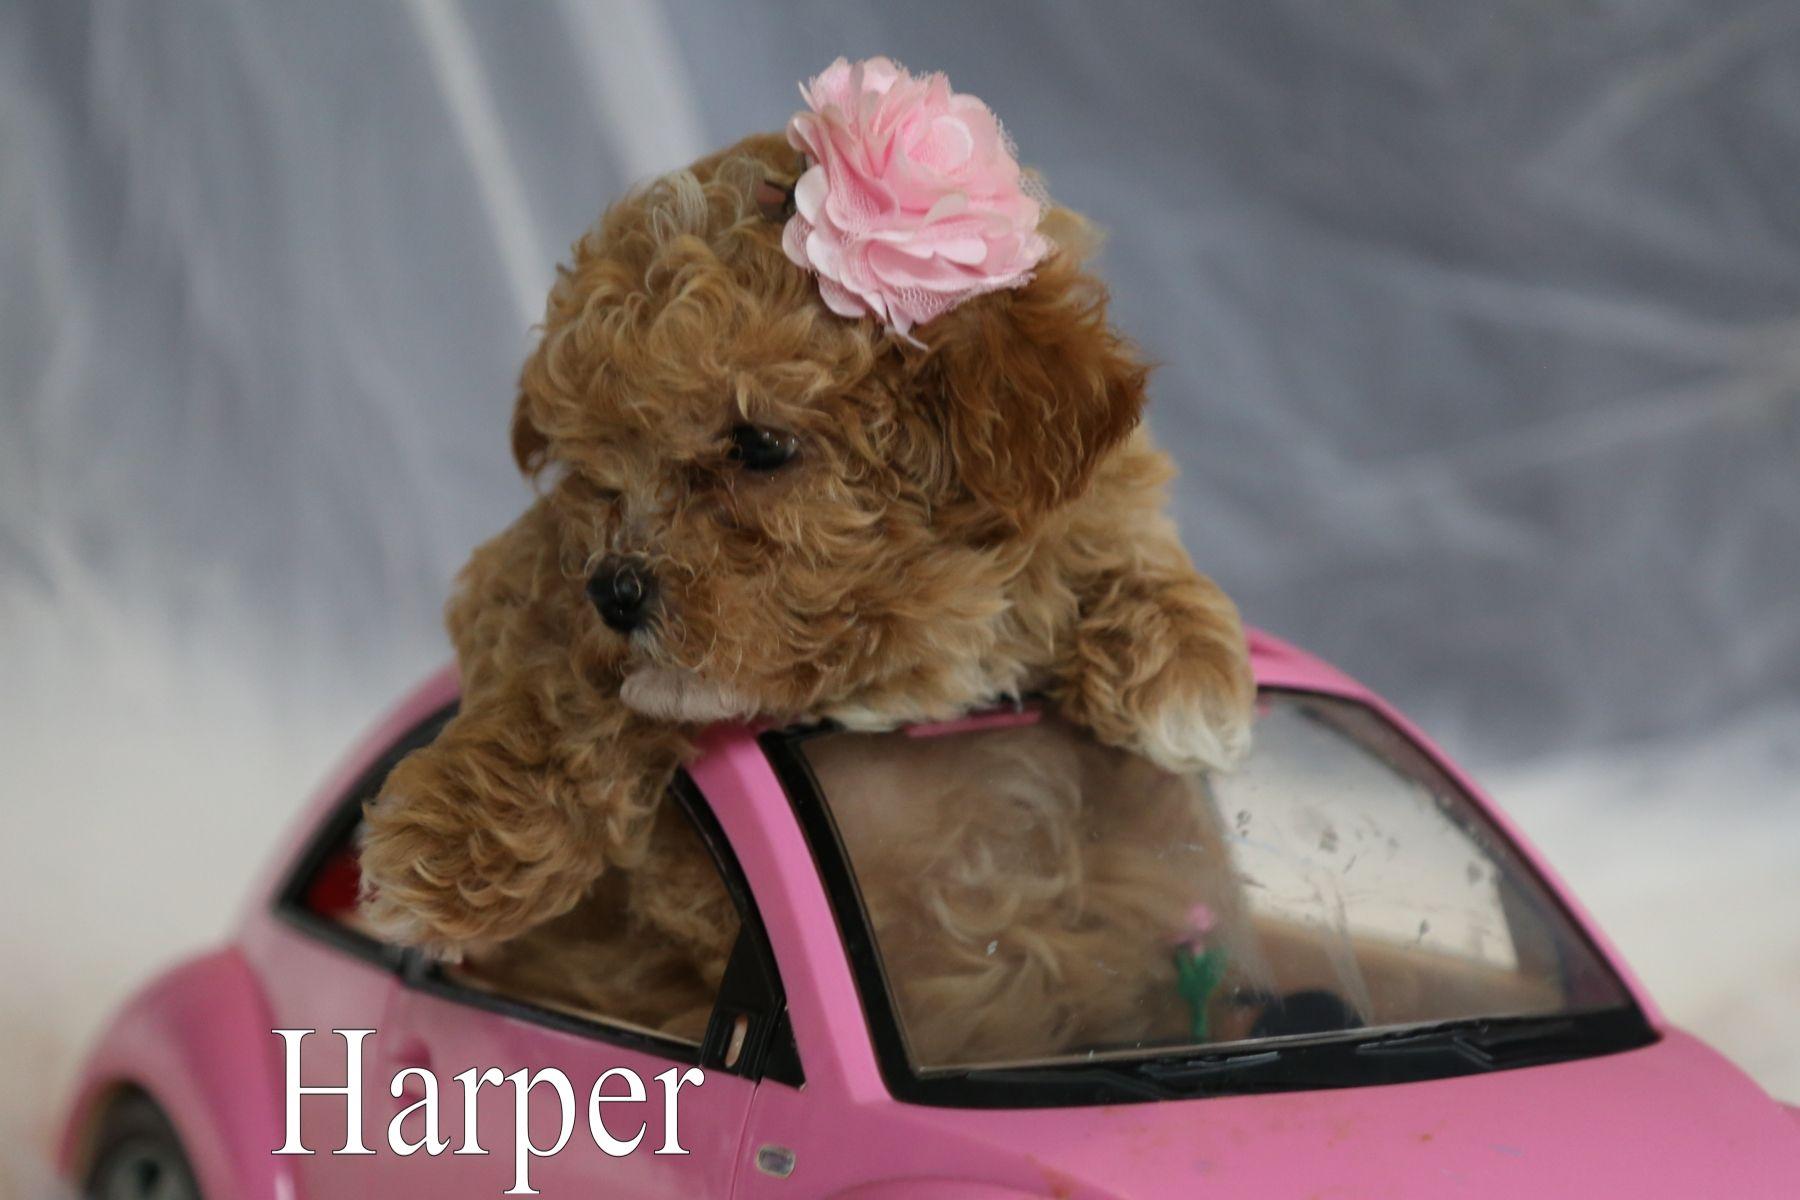 Harper Female Malti Poo Dog From Ewing Illinois Find Cute